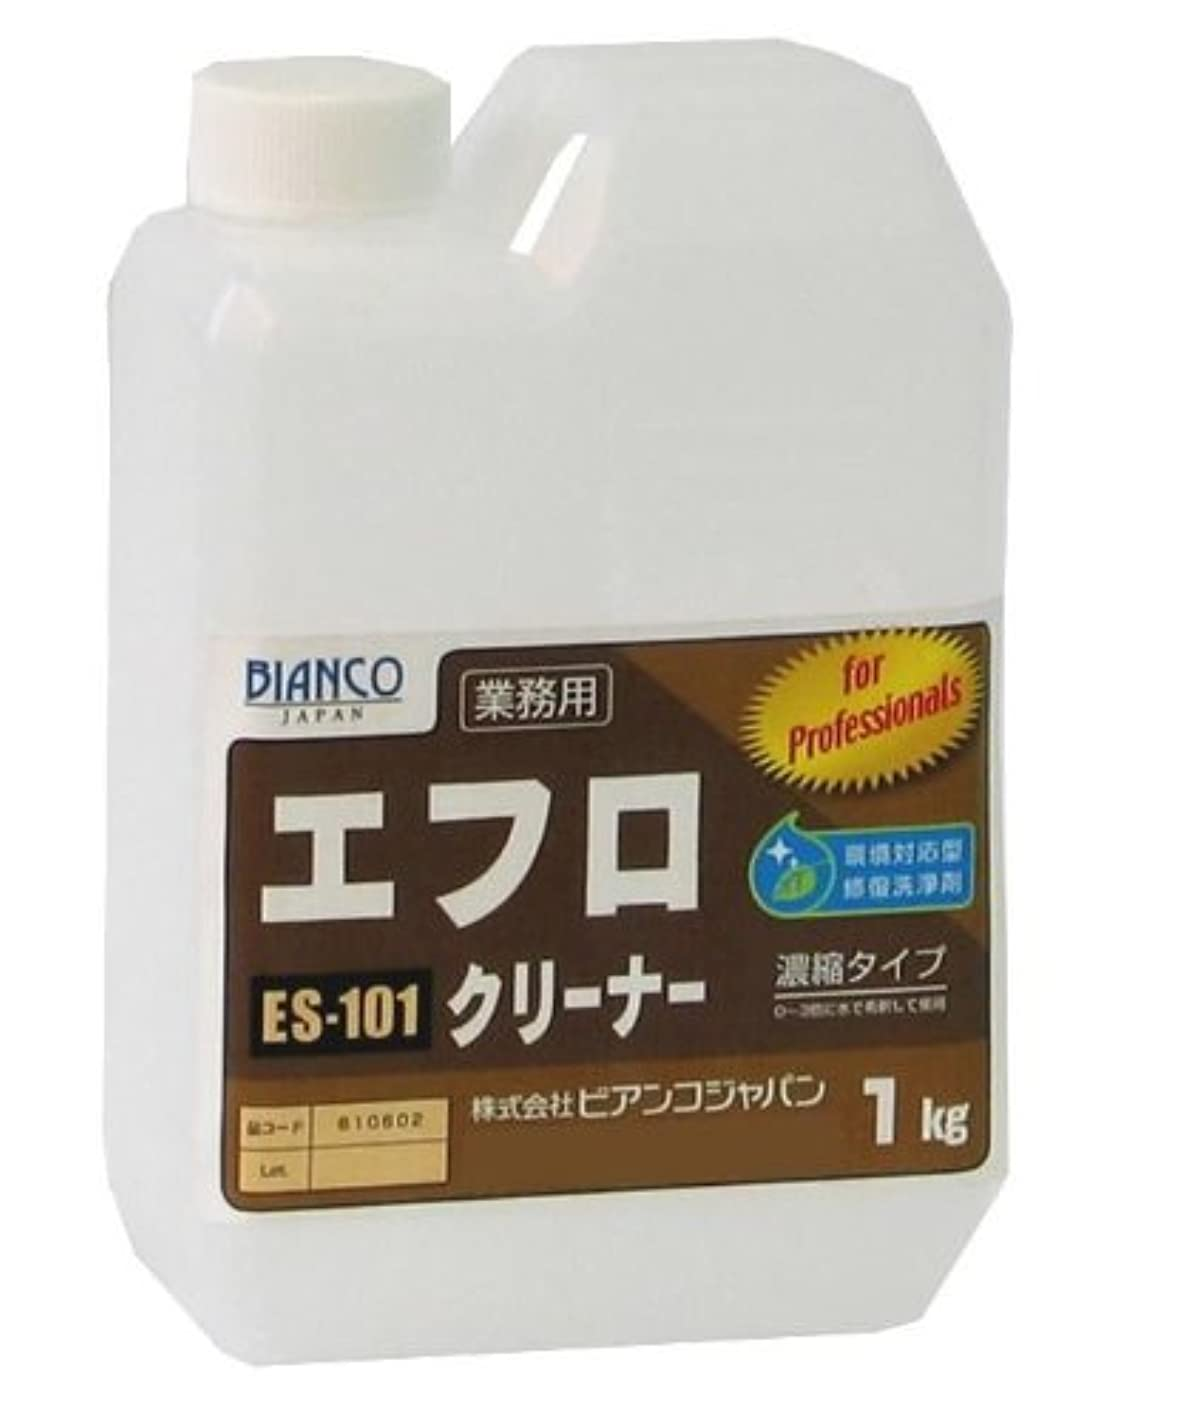 プラグ先に息苦しいビアンコジャパン(BIANCO JAPAN) エフロクリーナー ポリ容器 1kg ES-101